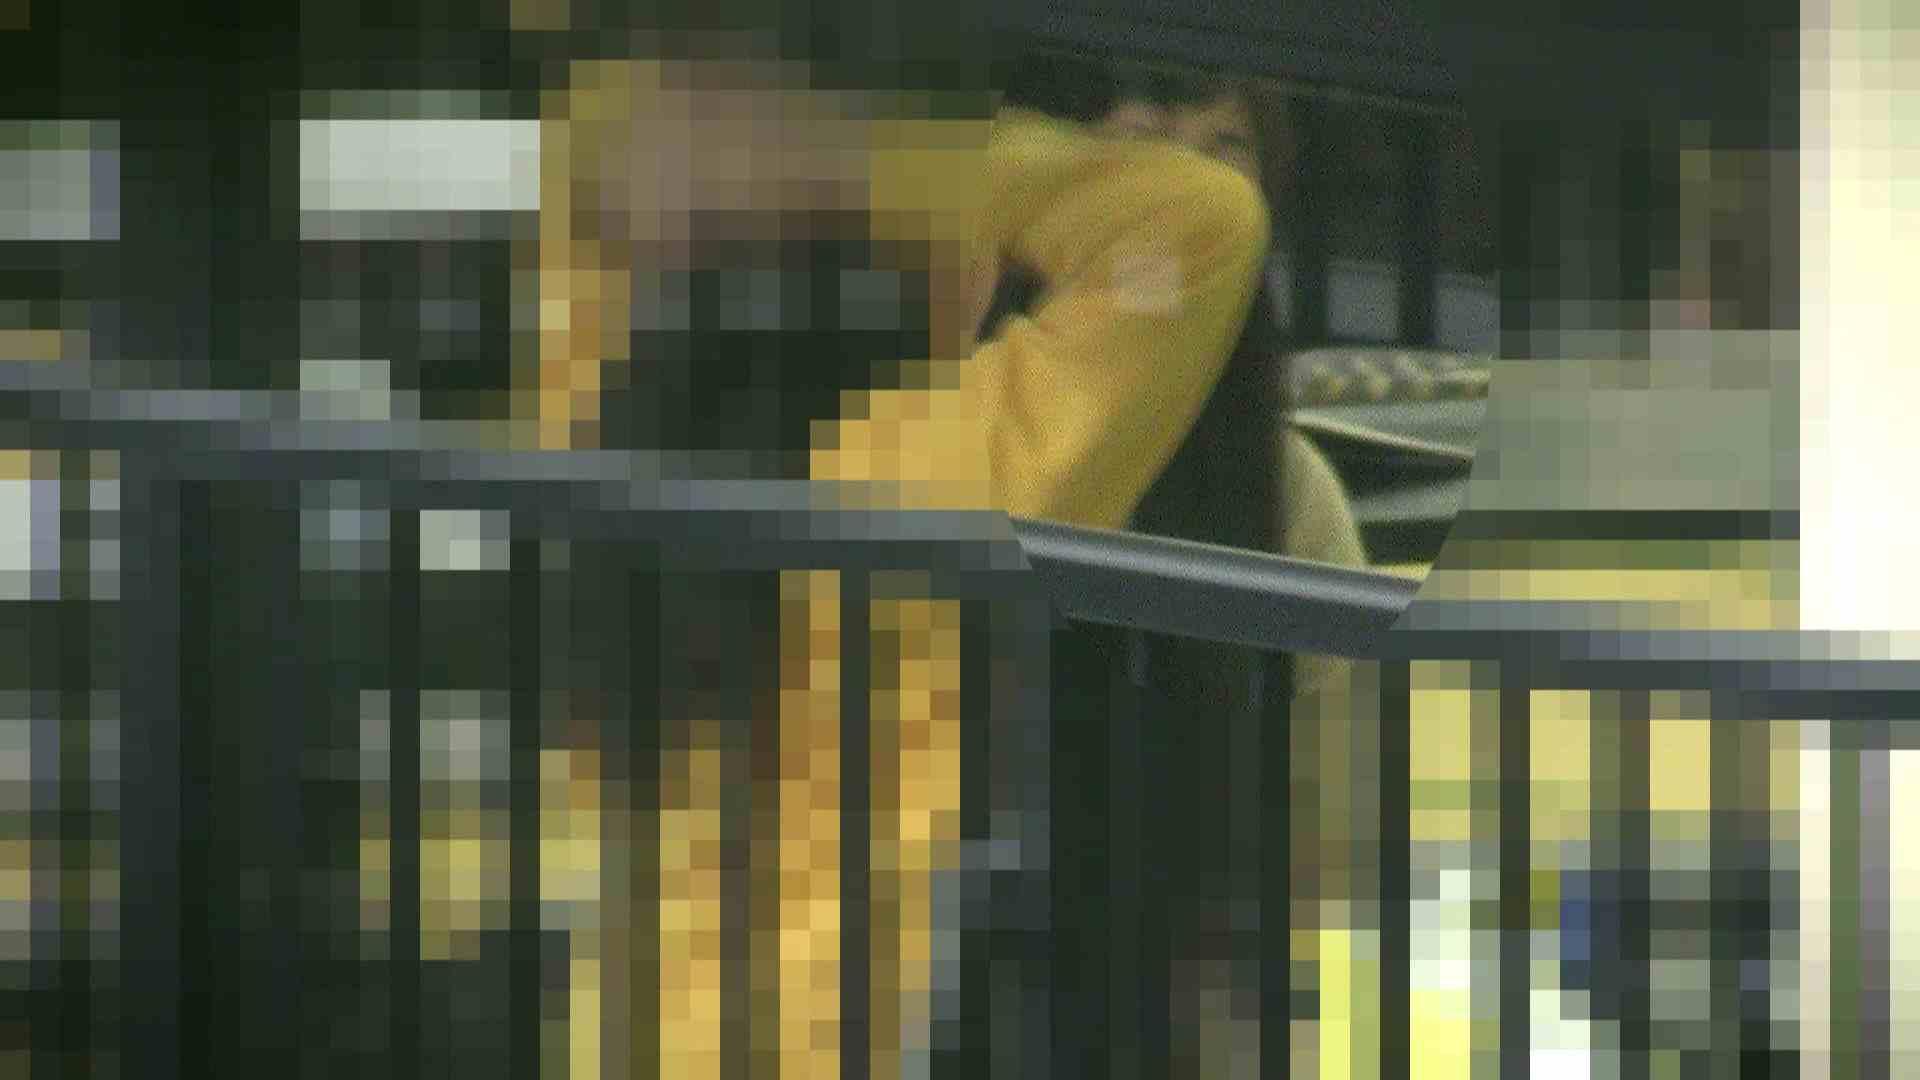 高画質露天女風呂観察 vol.006 乙女のエロ動画 濡れ場動画紹介 98PIX 82